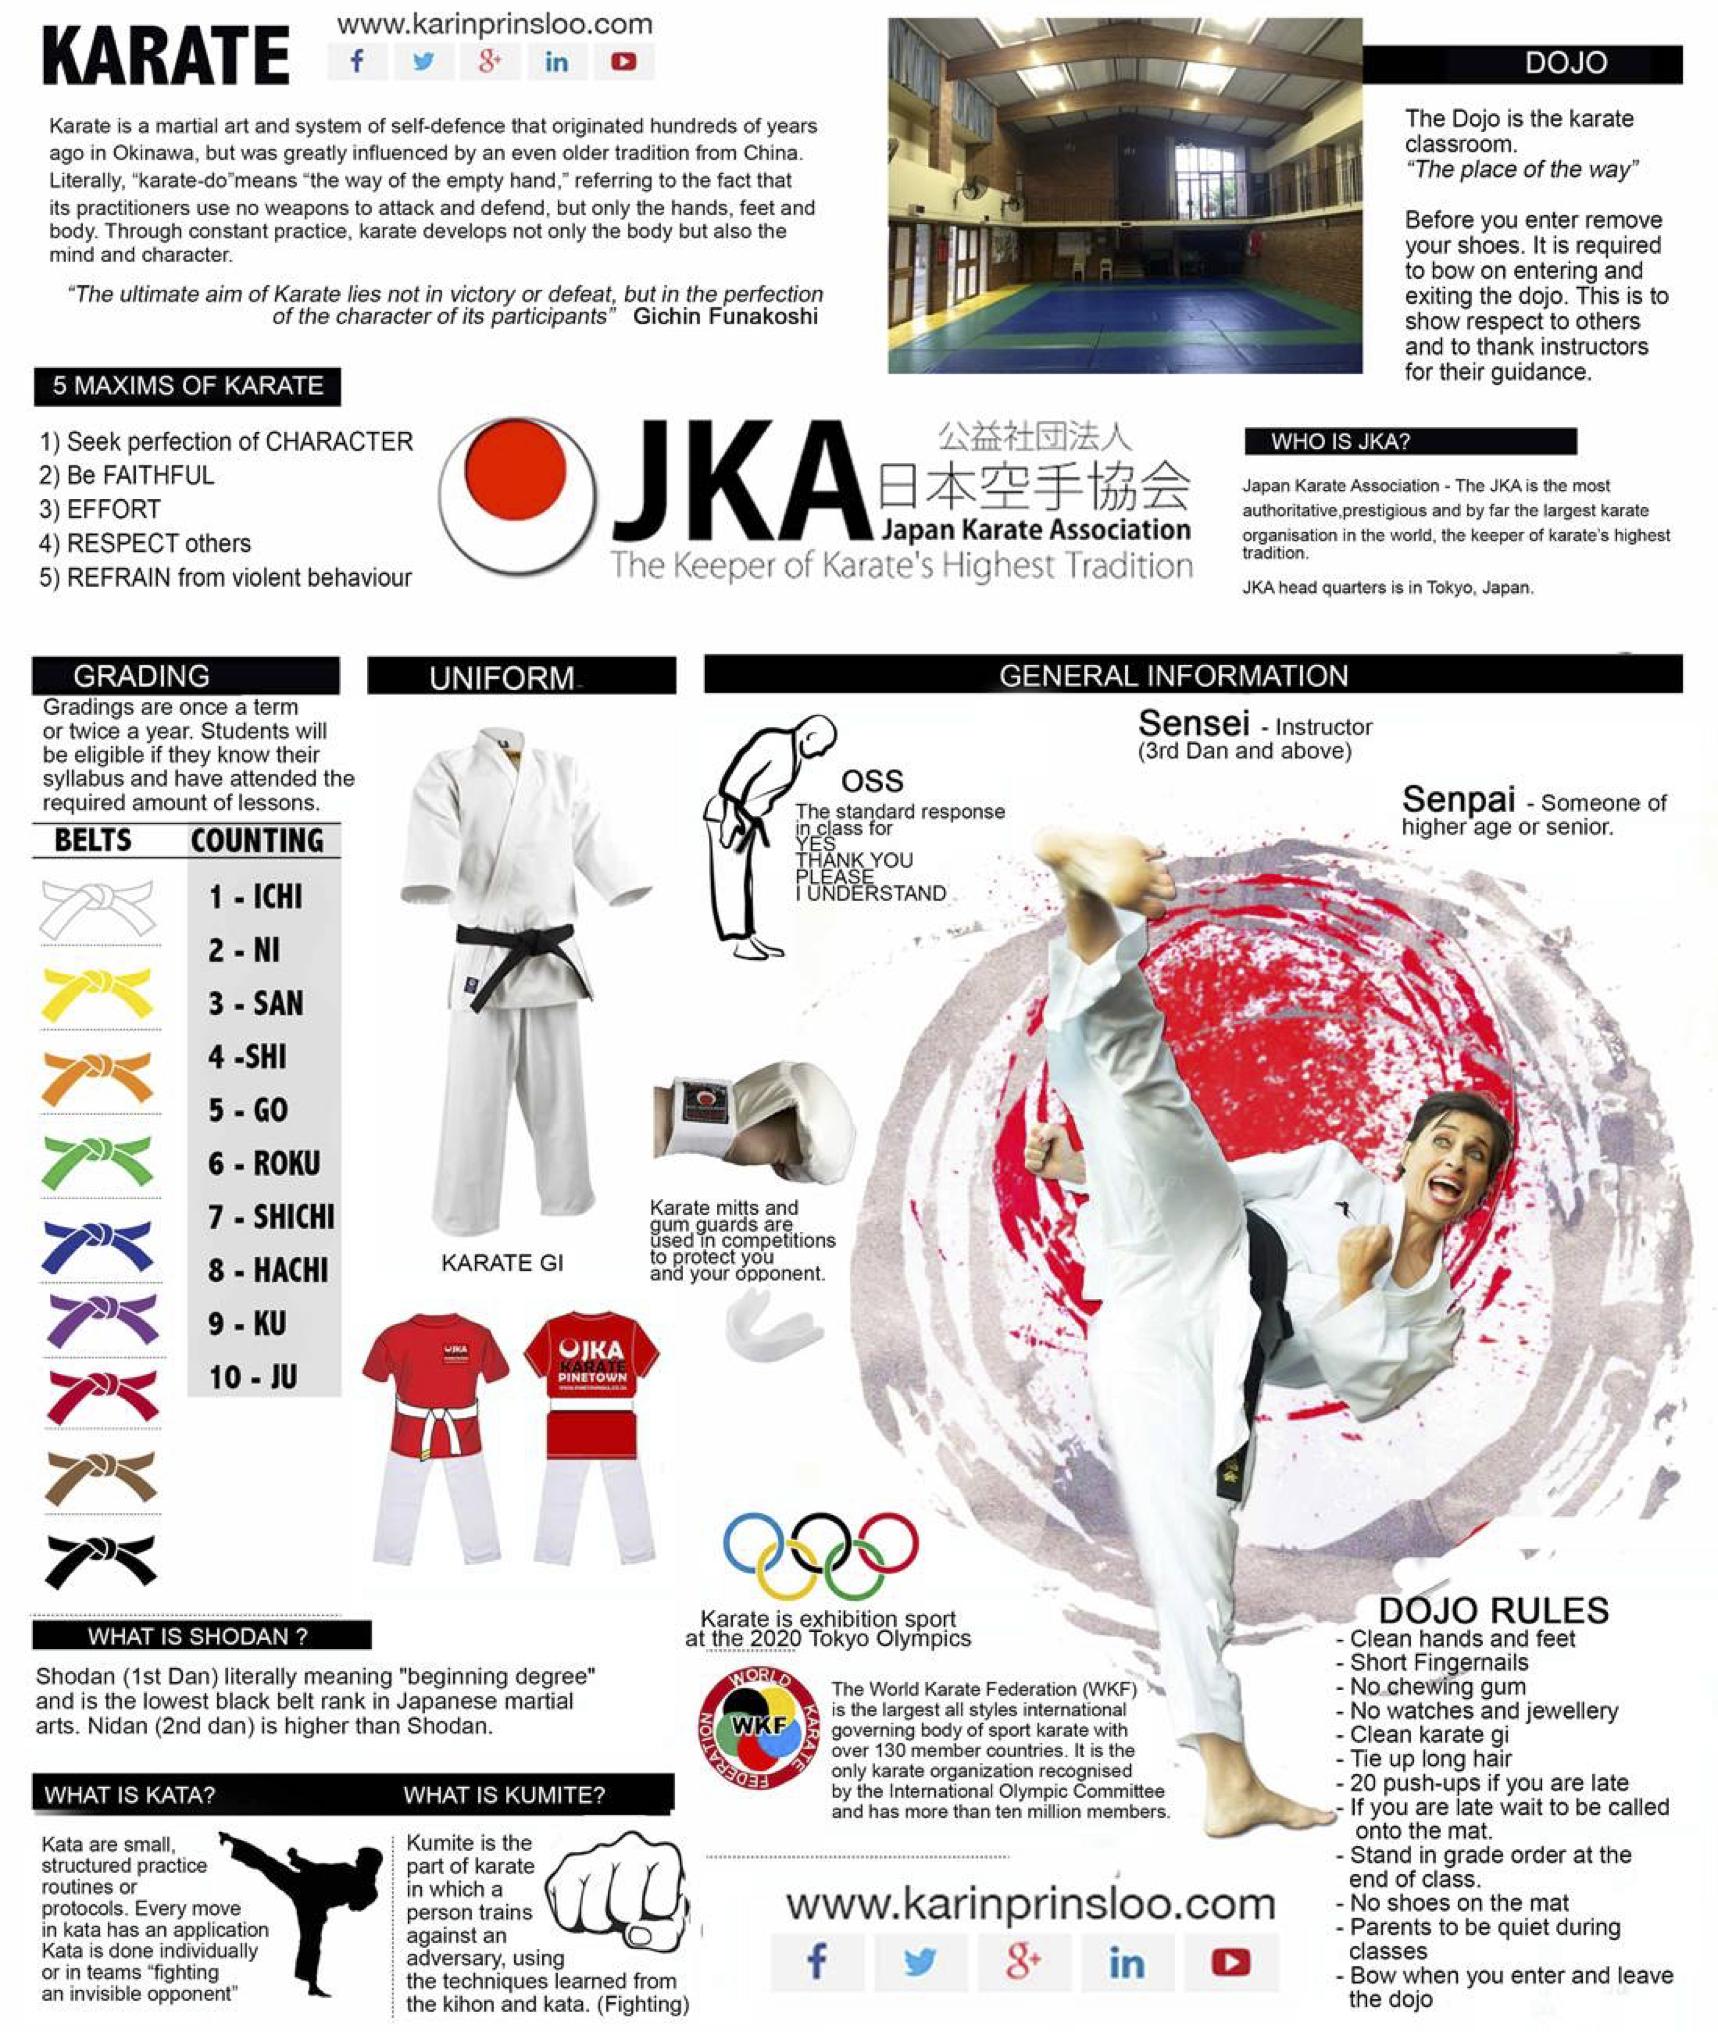 karate-westville-durban-karin-prinsloo-pinetown-jka-karate-institute-cowies-hill-karate-highway-karate-karate-infographic-what-is-karate